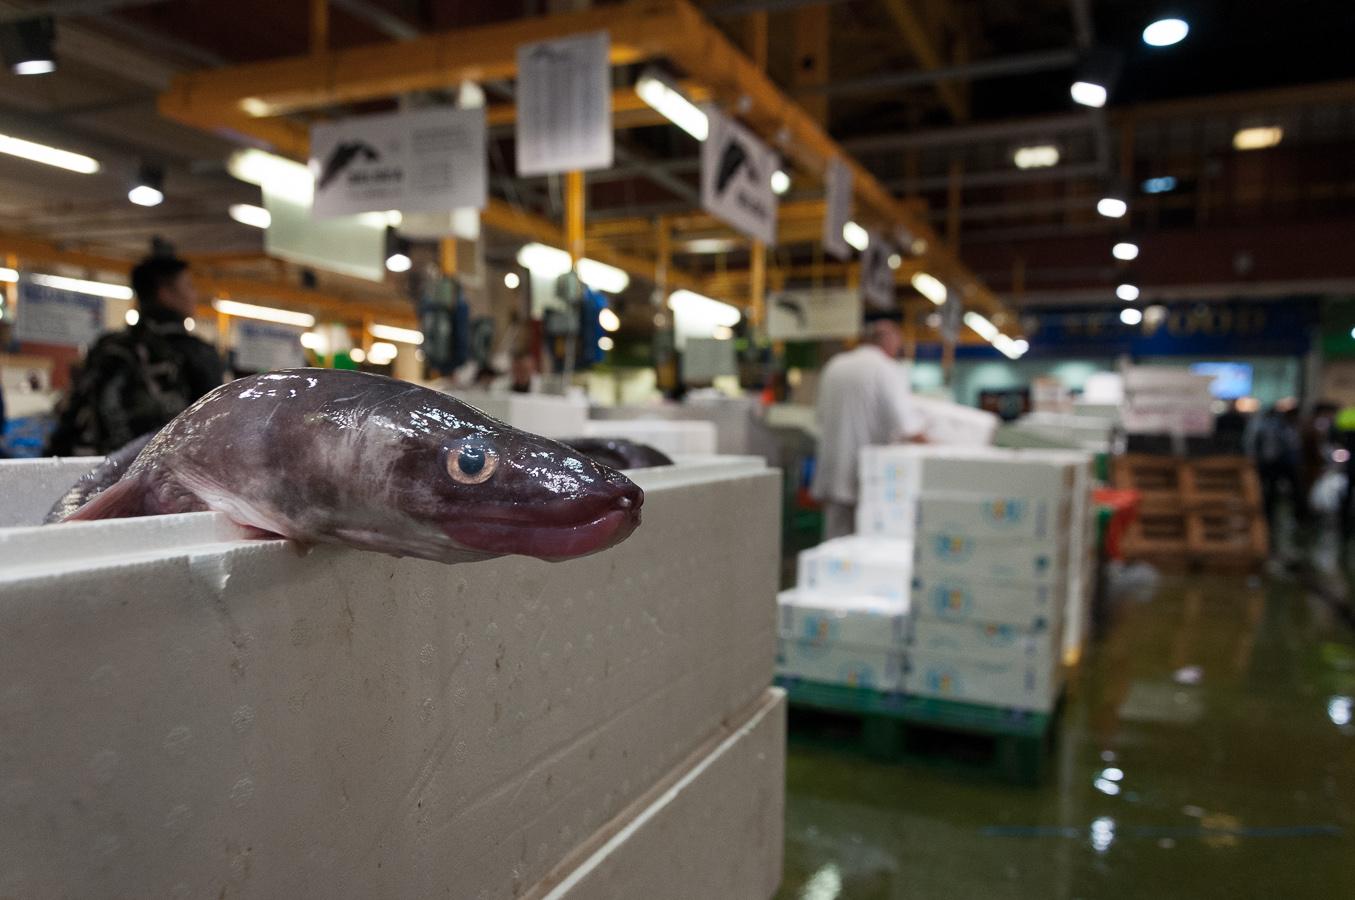 billings-gate-market-british-eel.jpg